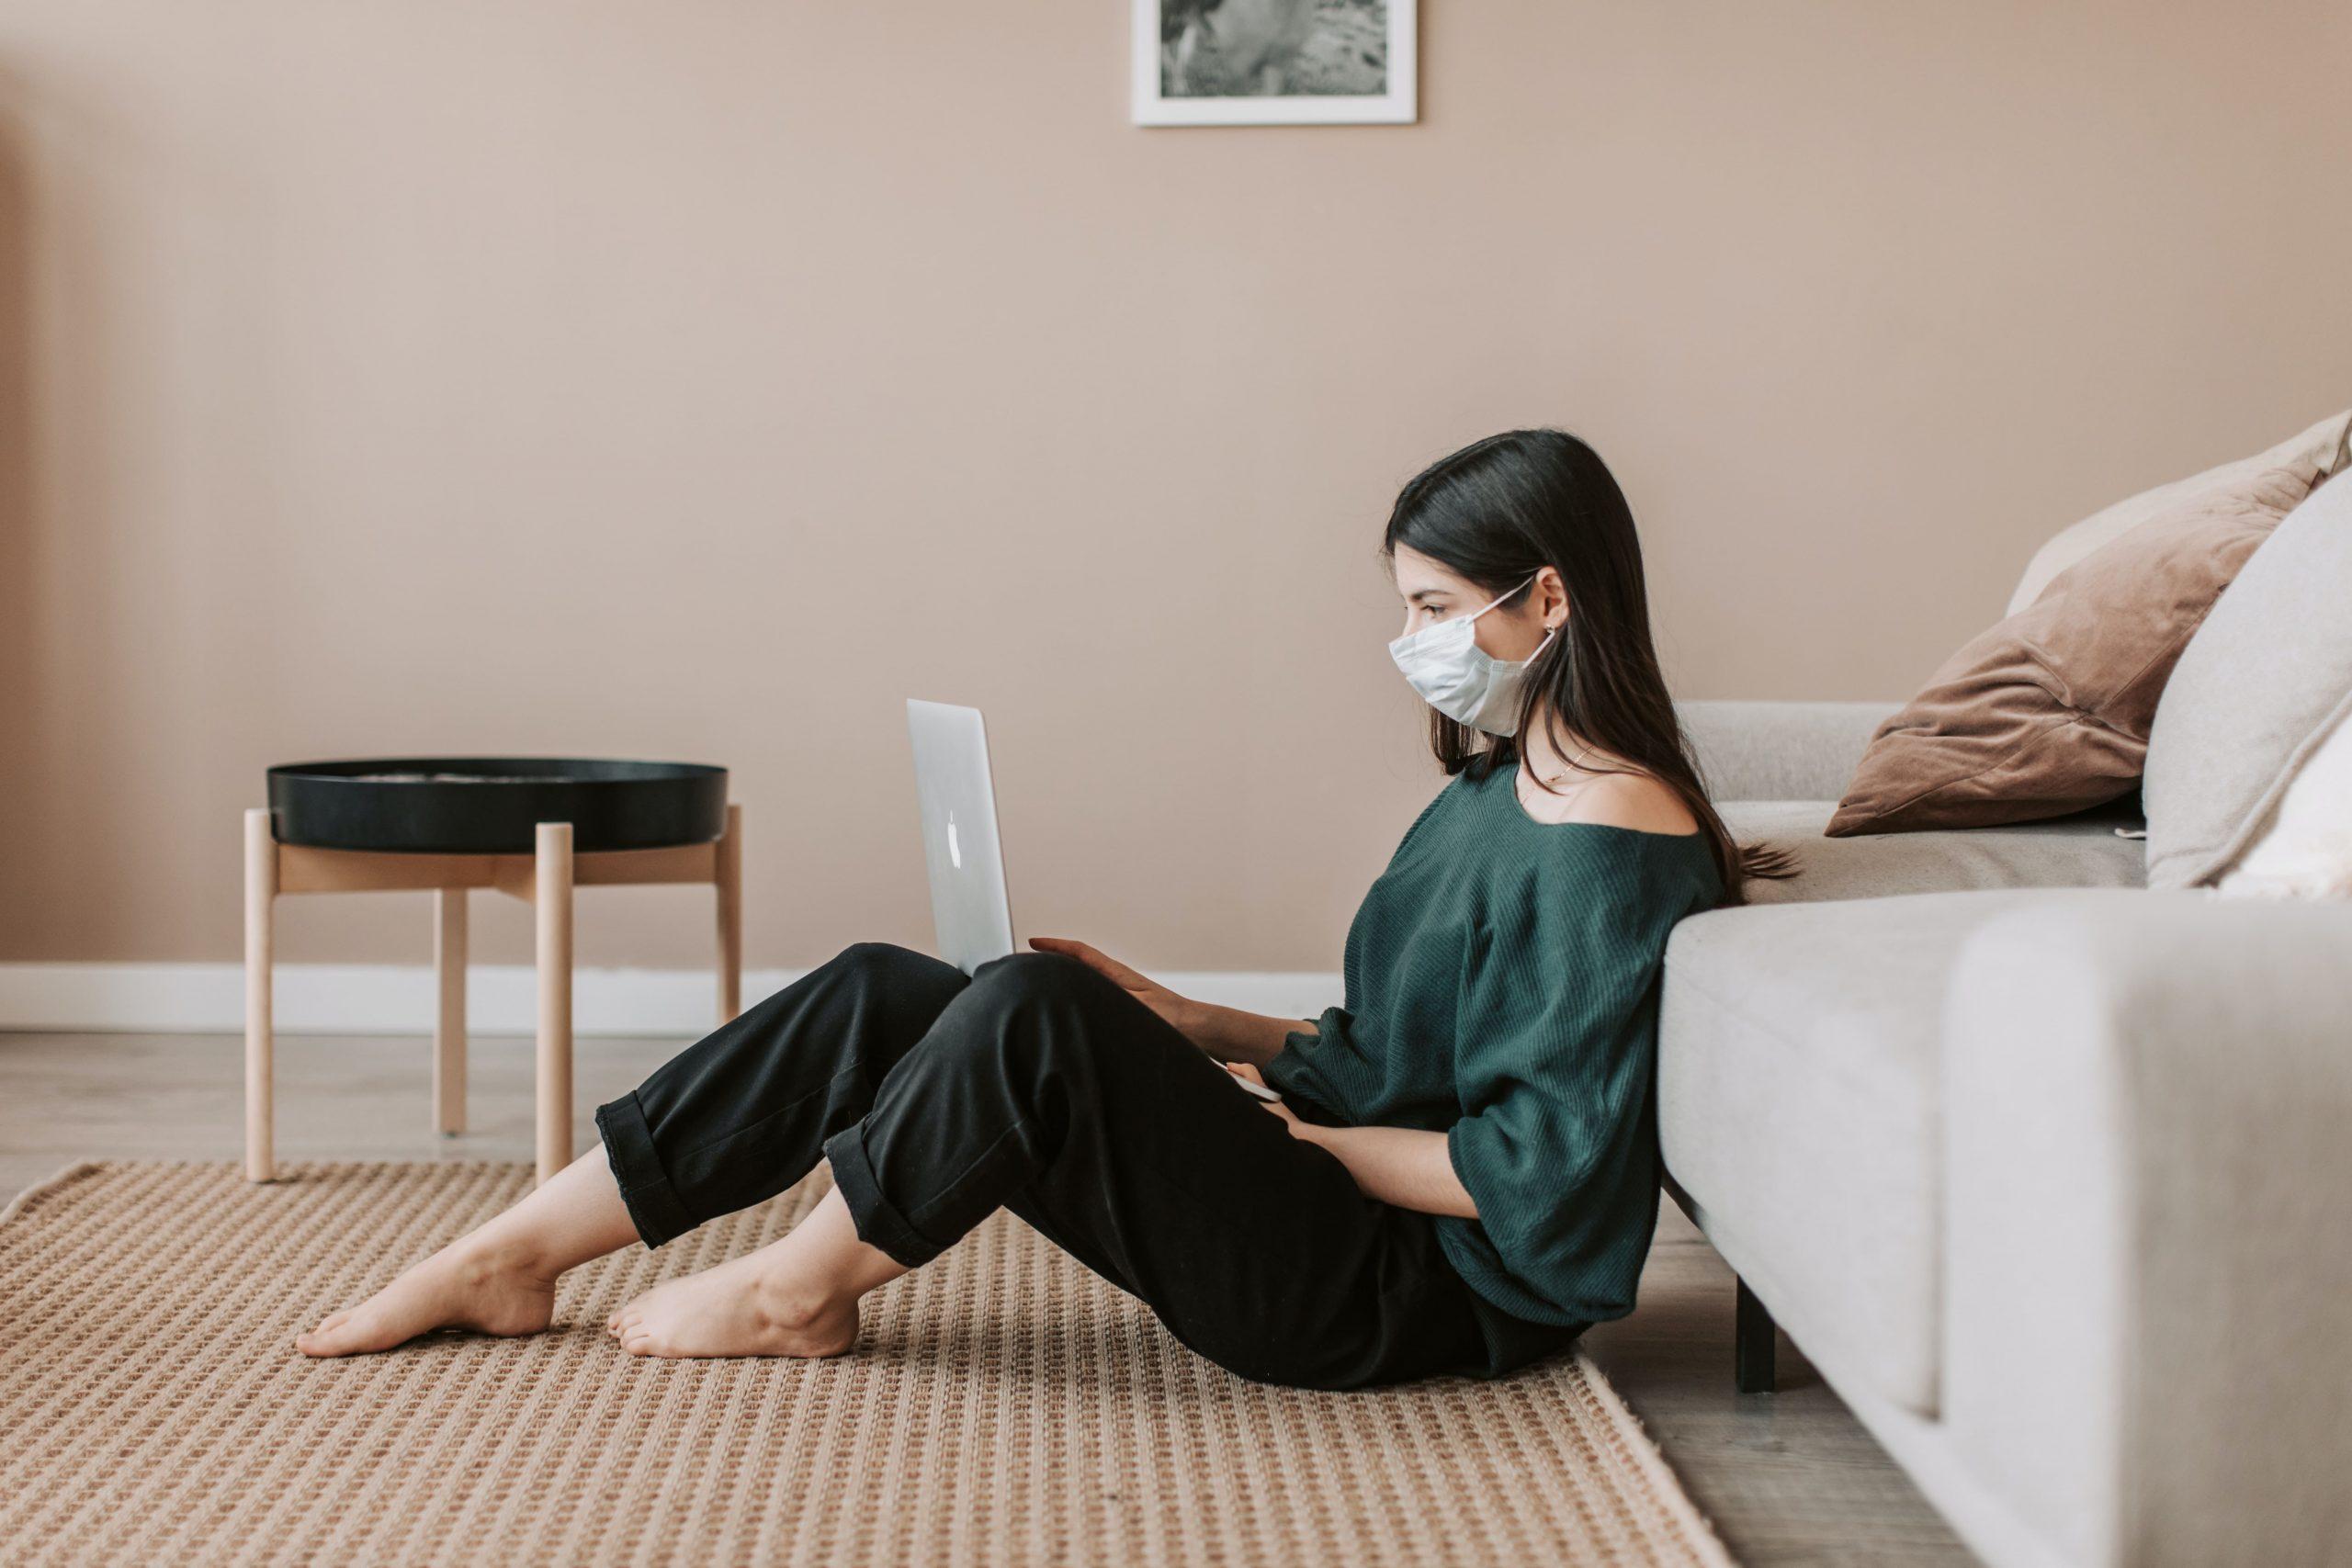 Tips Isolasi Mandiri Agar Cepat Sembuh dari Dokter Universitas Terbaik Indonesia, UGM Hingga UI